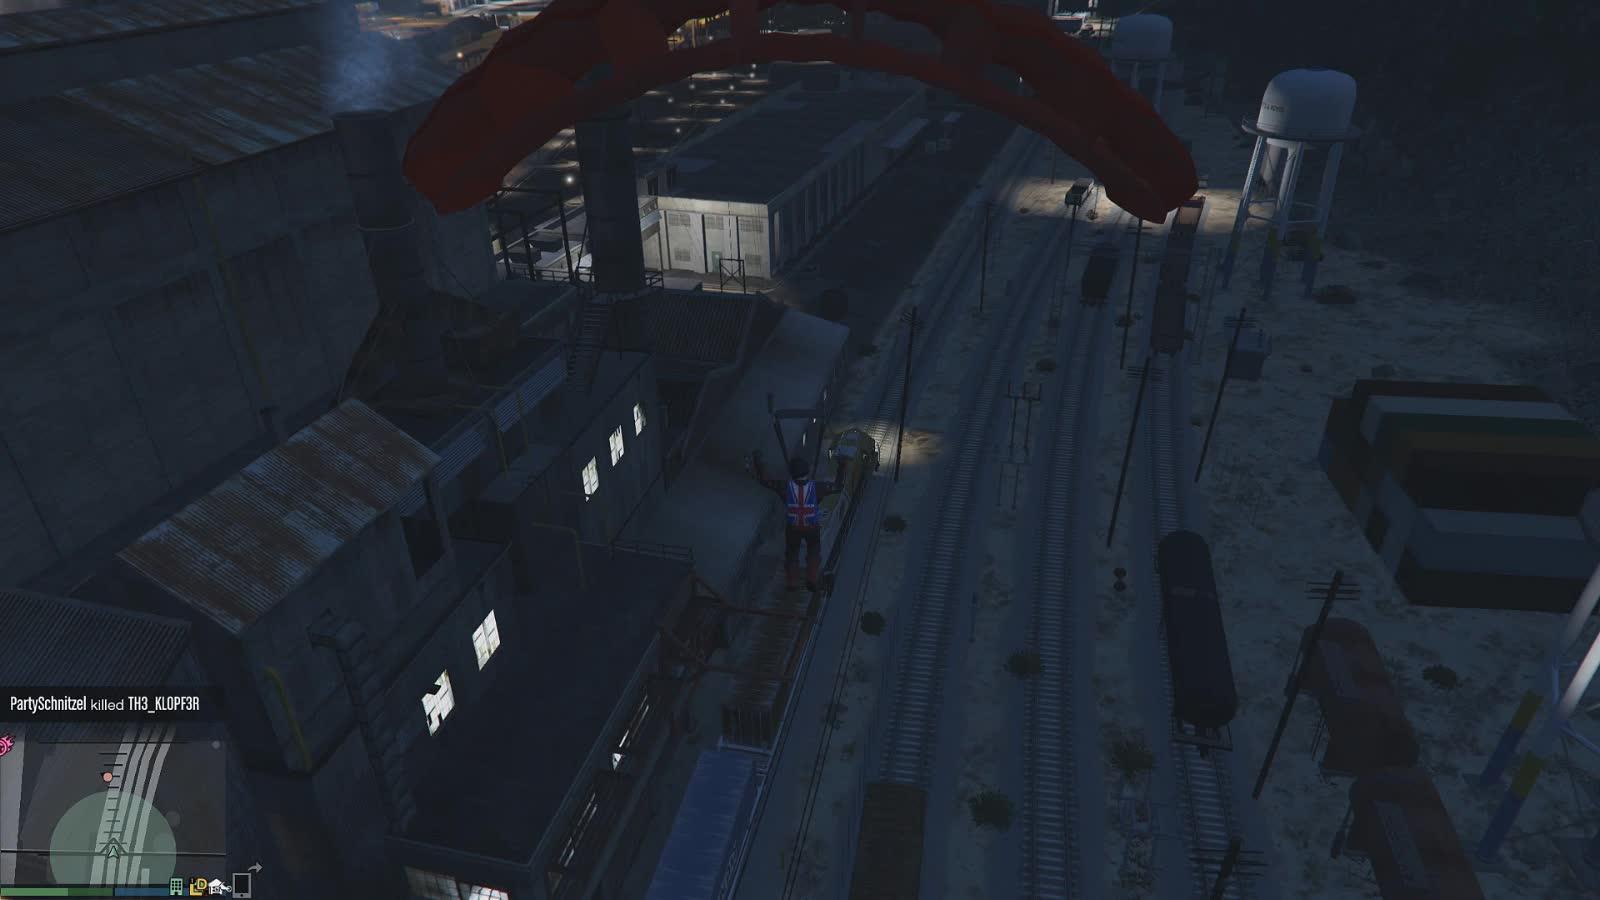 gaming_gifs, gtagifs, gtaonline, GTAOnline   Parachuting to a Train GIFs